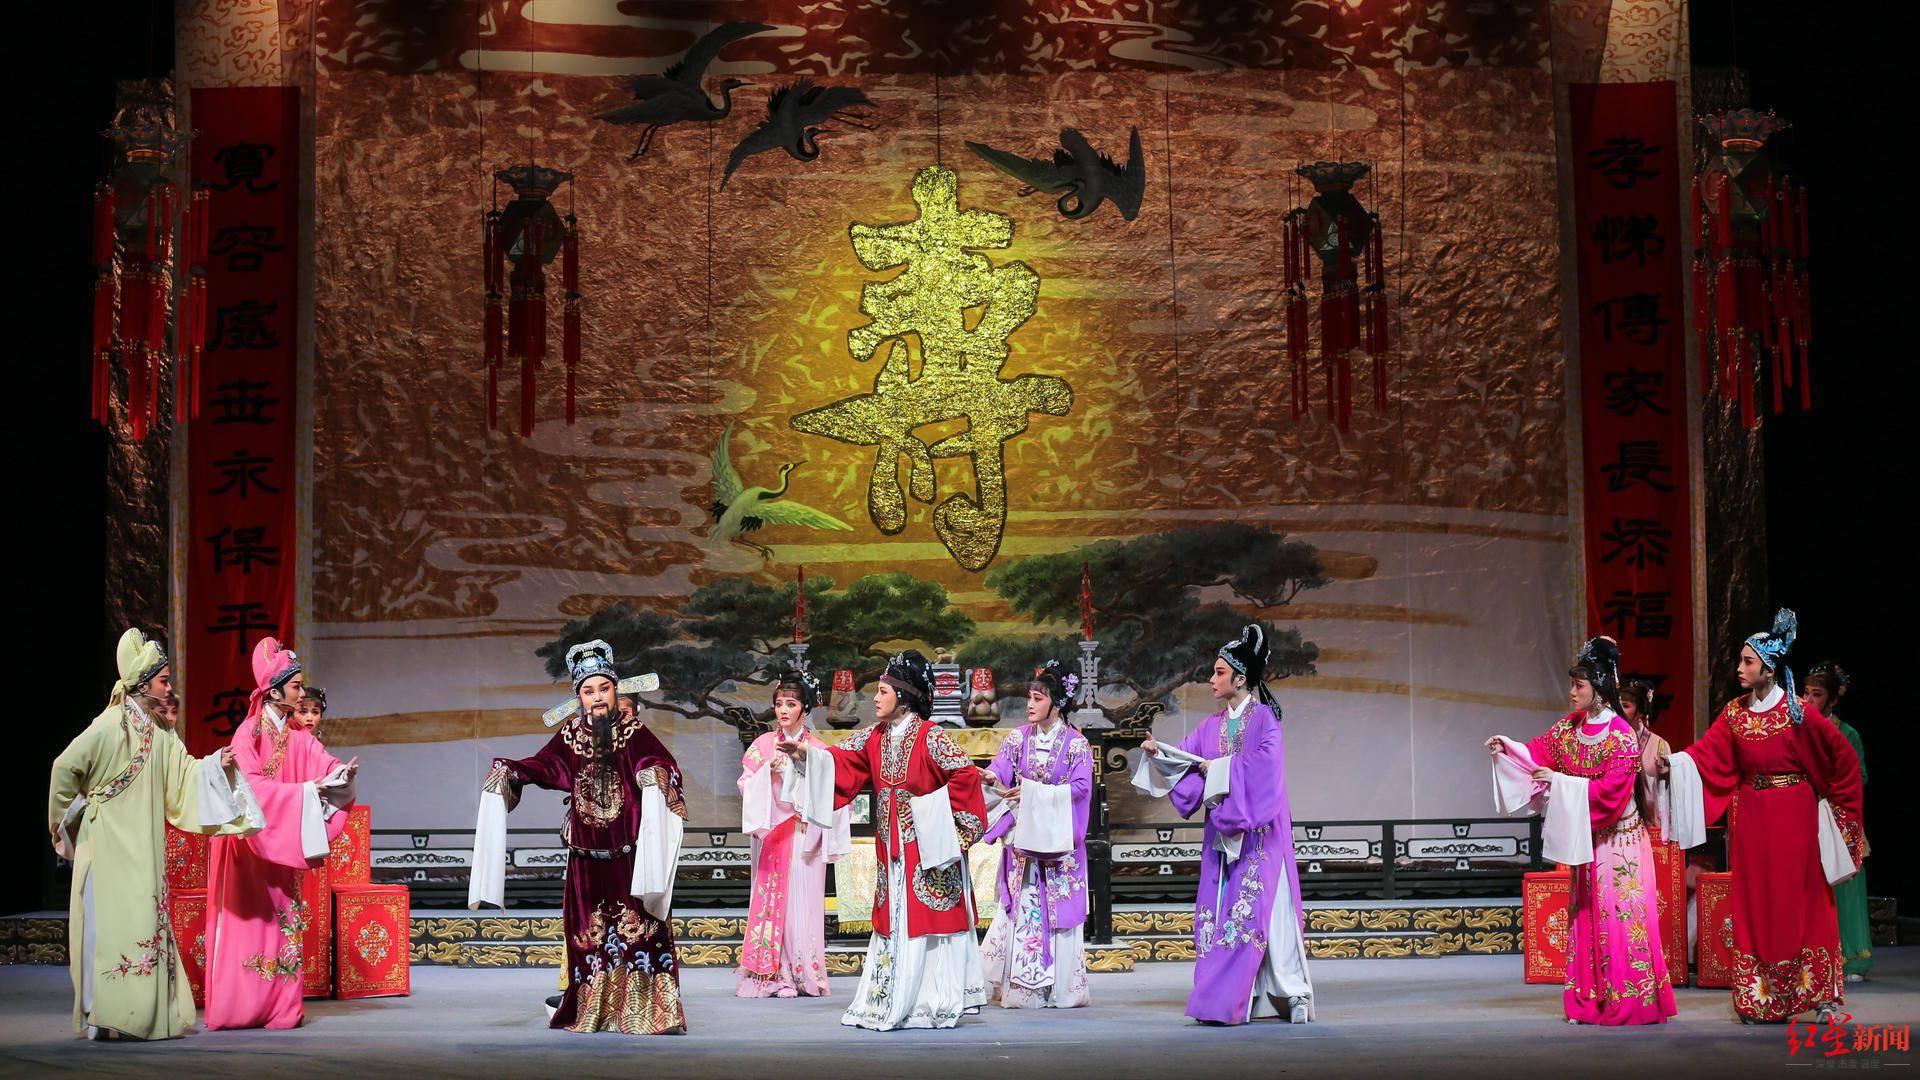 弘扬传统文化 彭州来了浙江小百花越剧团